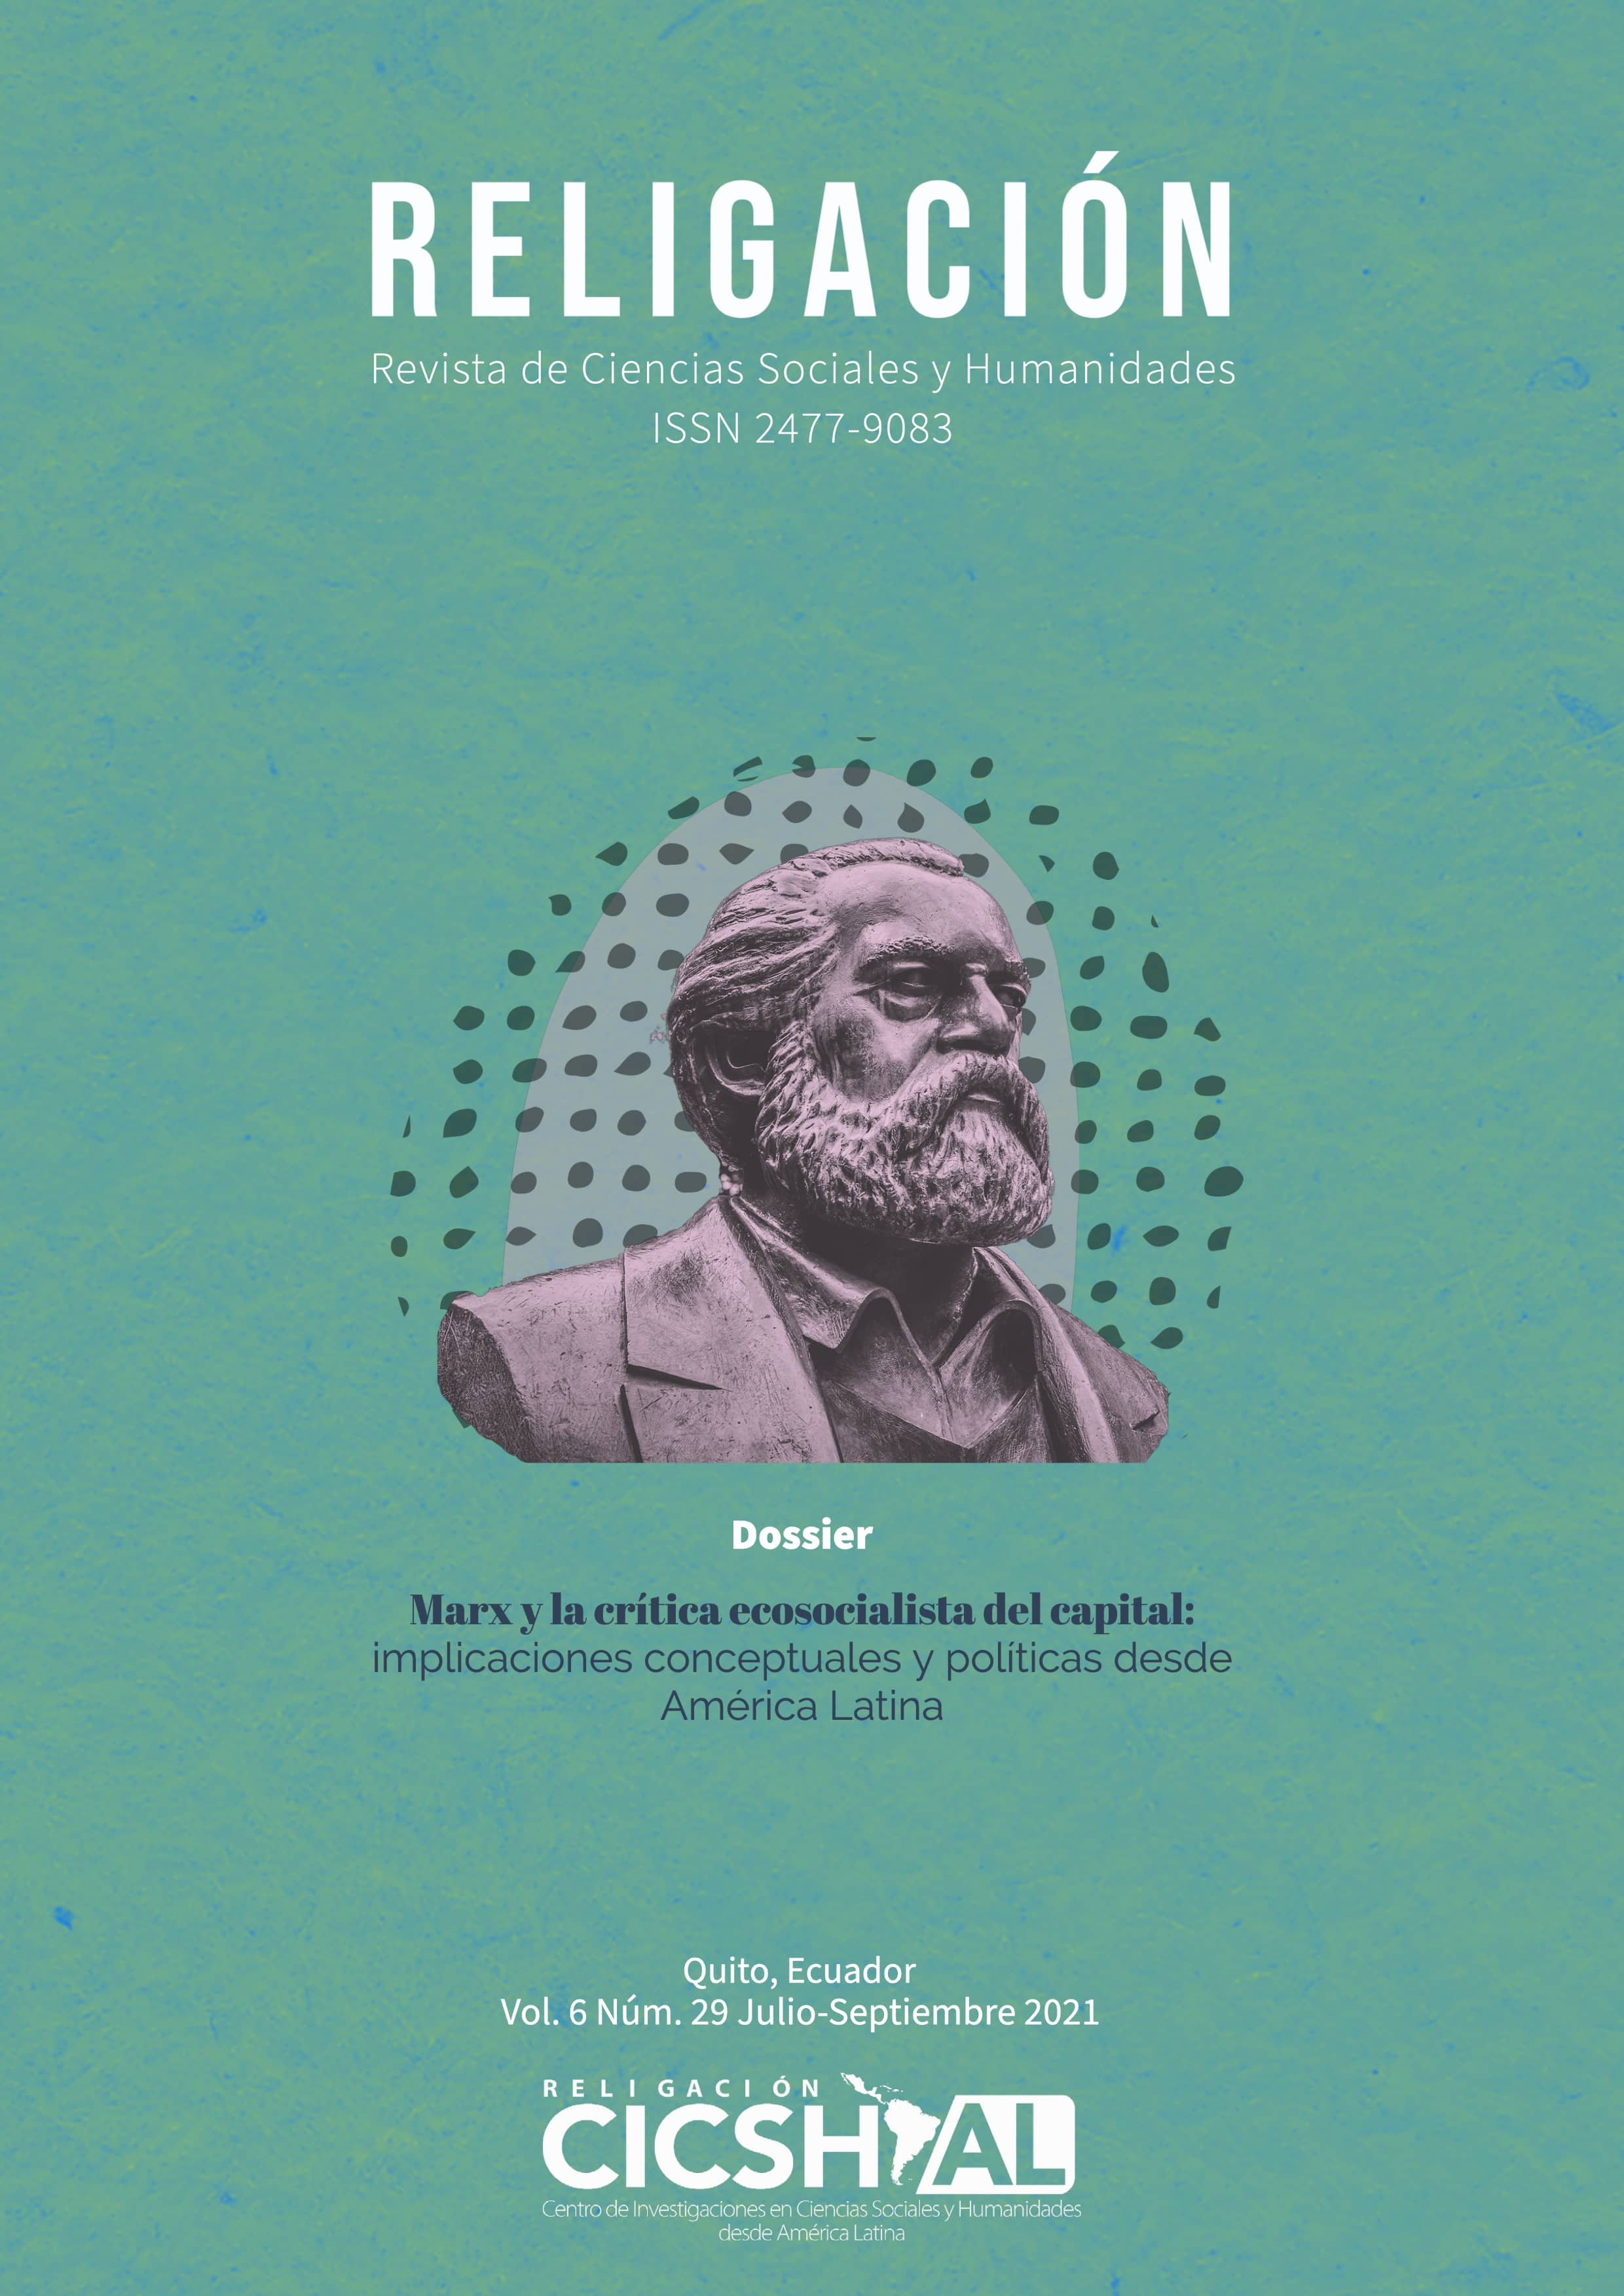 DOSSIER: Marx y la crítica ecosocialista del capital: implicaciones conceptuales y políticas desde América Latina